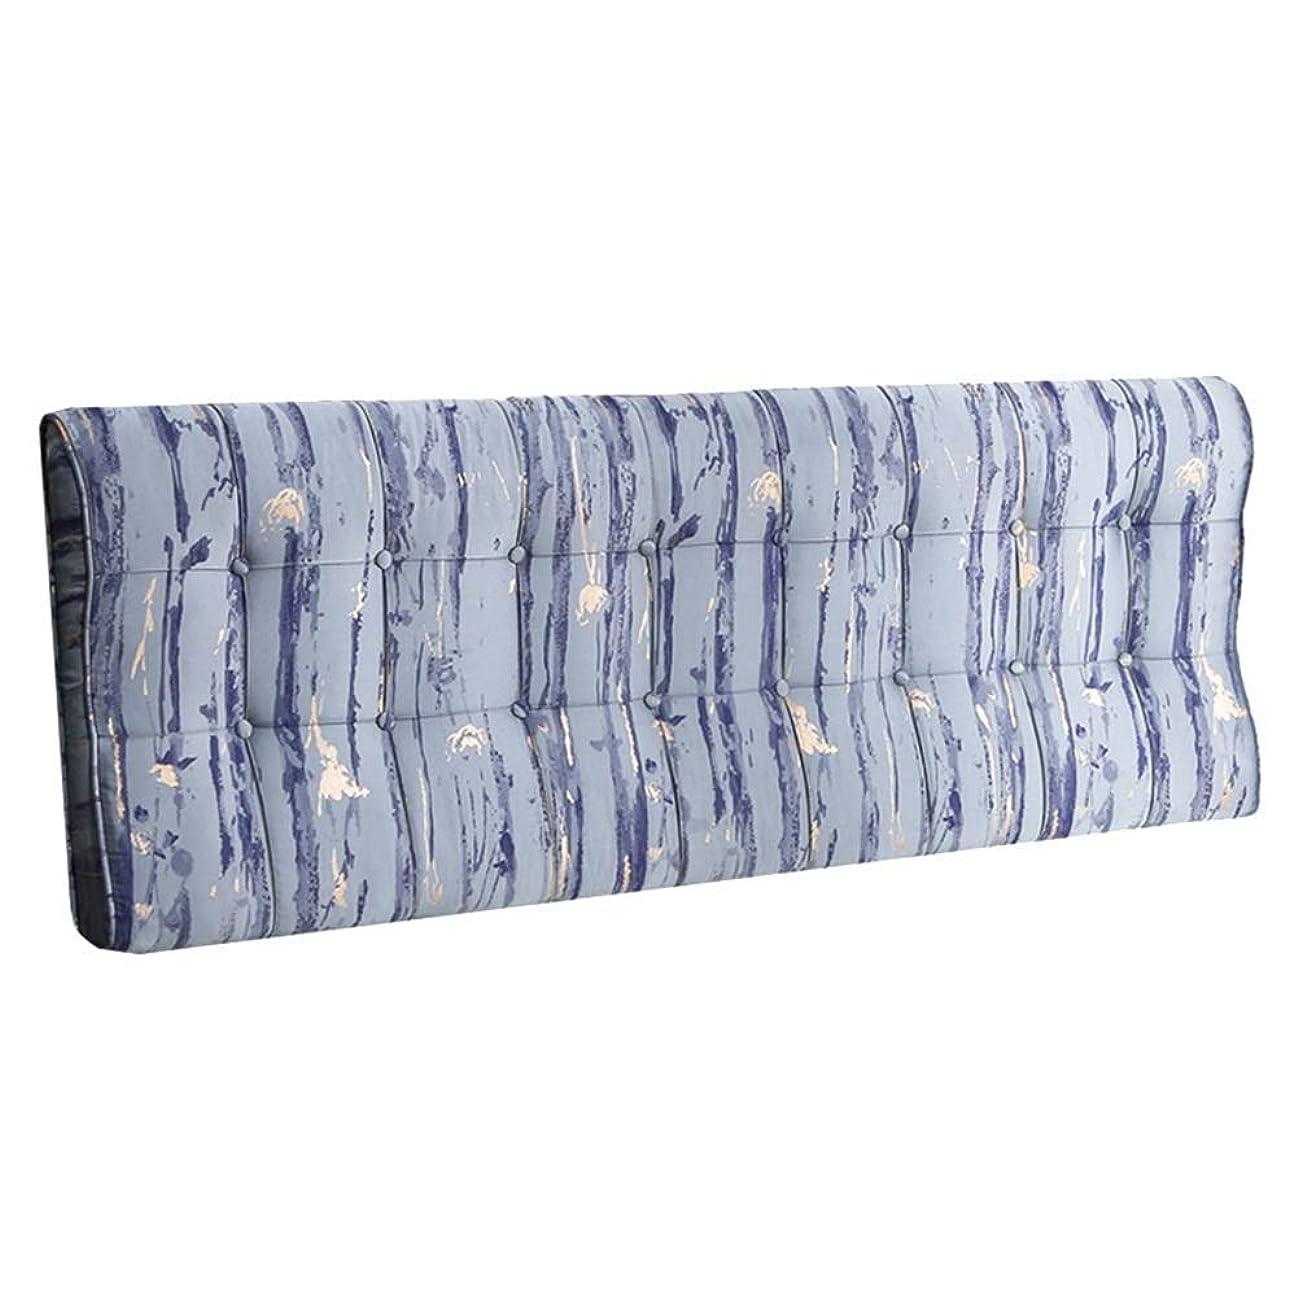 エンコミウム有能なカルシウムWZB背もたれシンプル居心地の良いベッドライニング腰椎を保護設置が簡単、4サイズ、2色(色:B-青、サイズ:150X66X12cm)